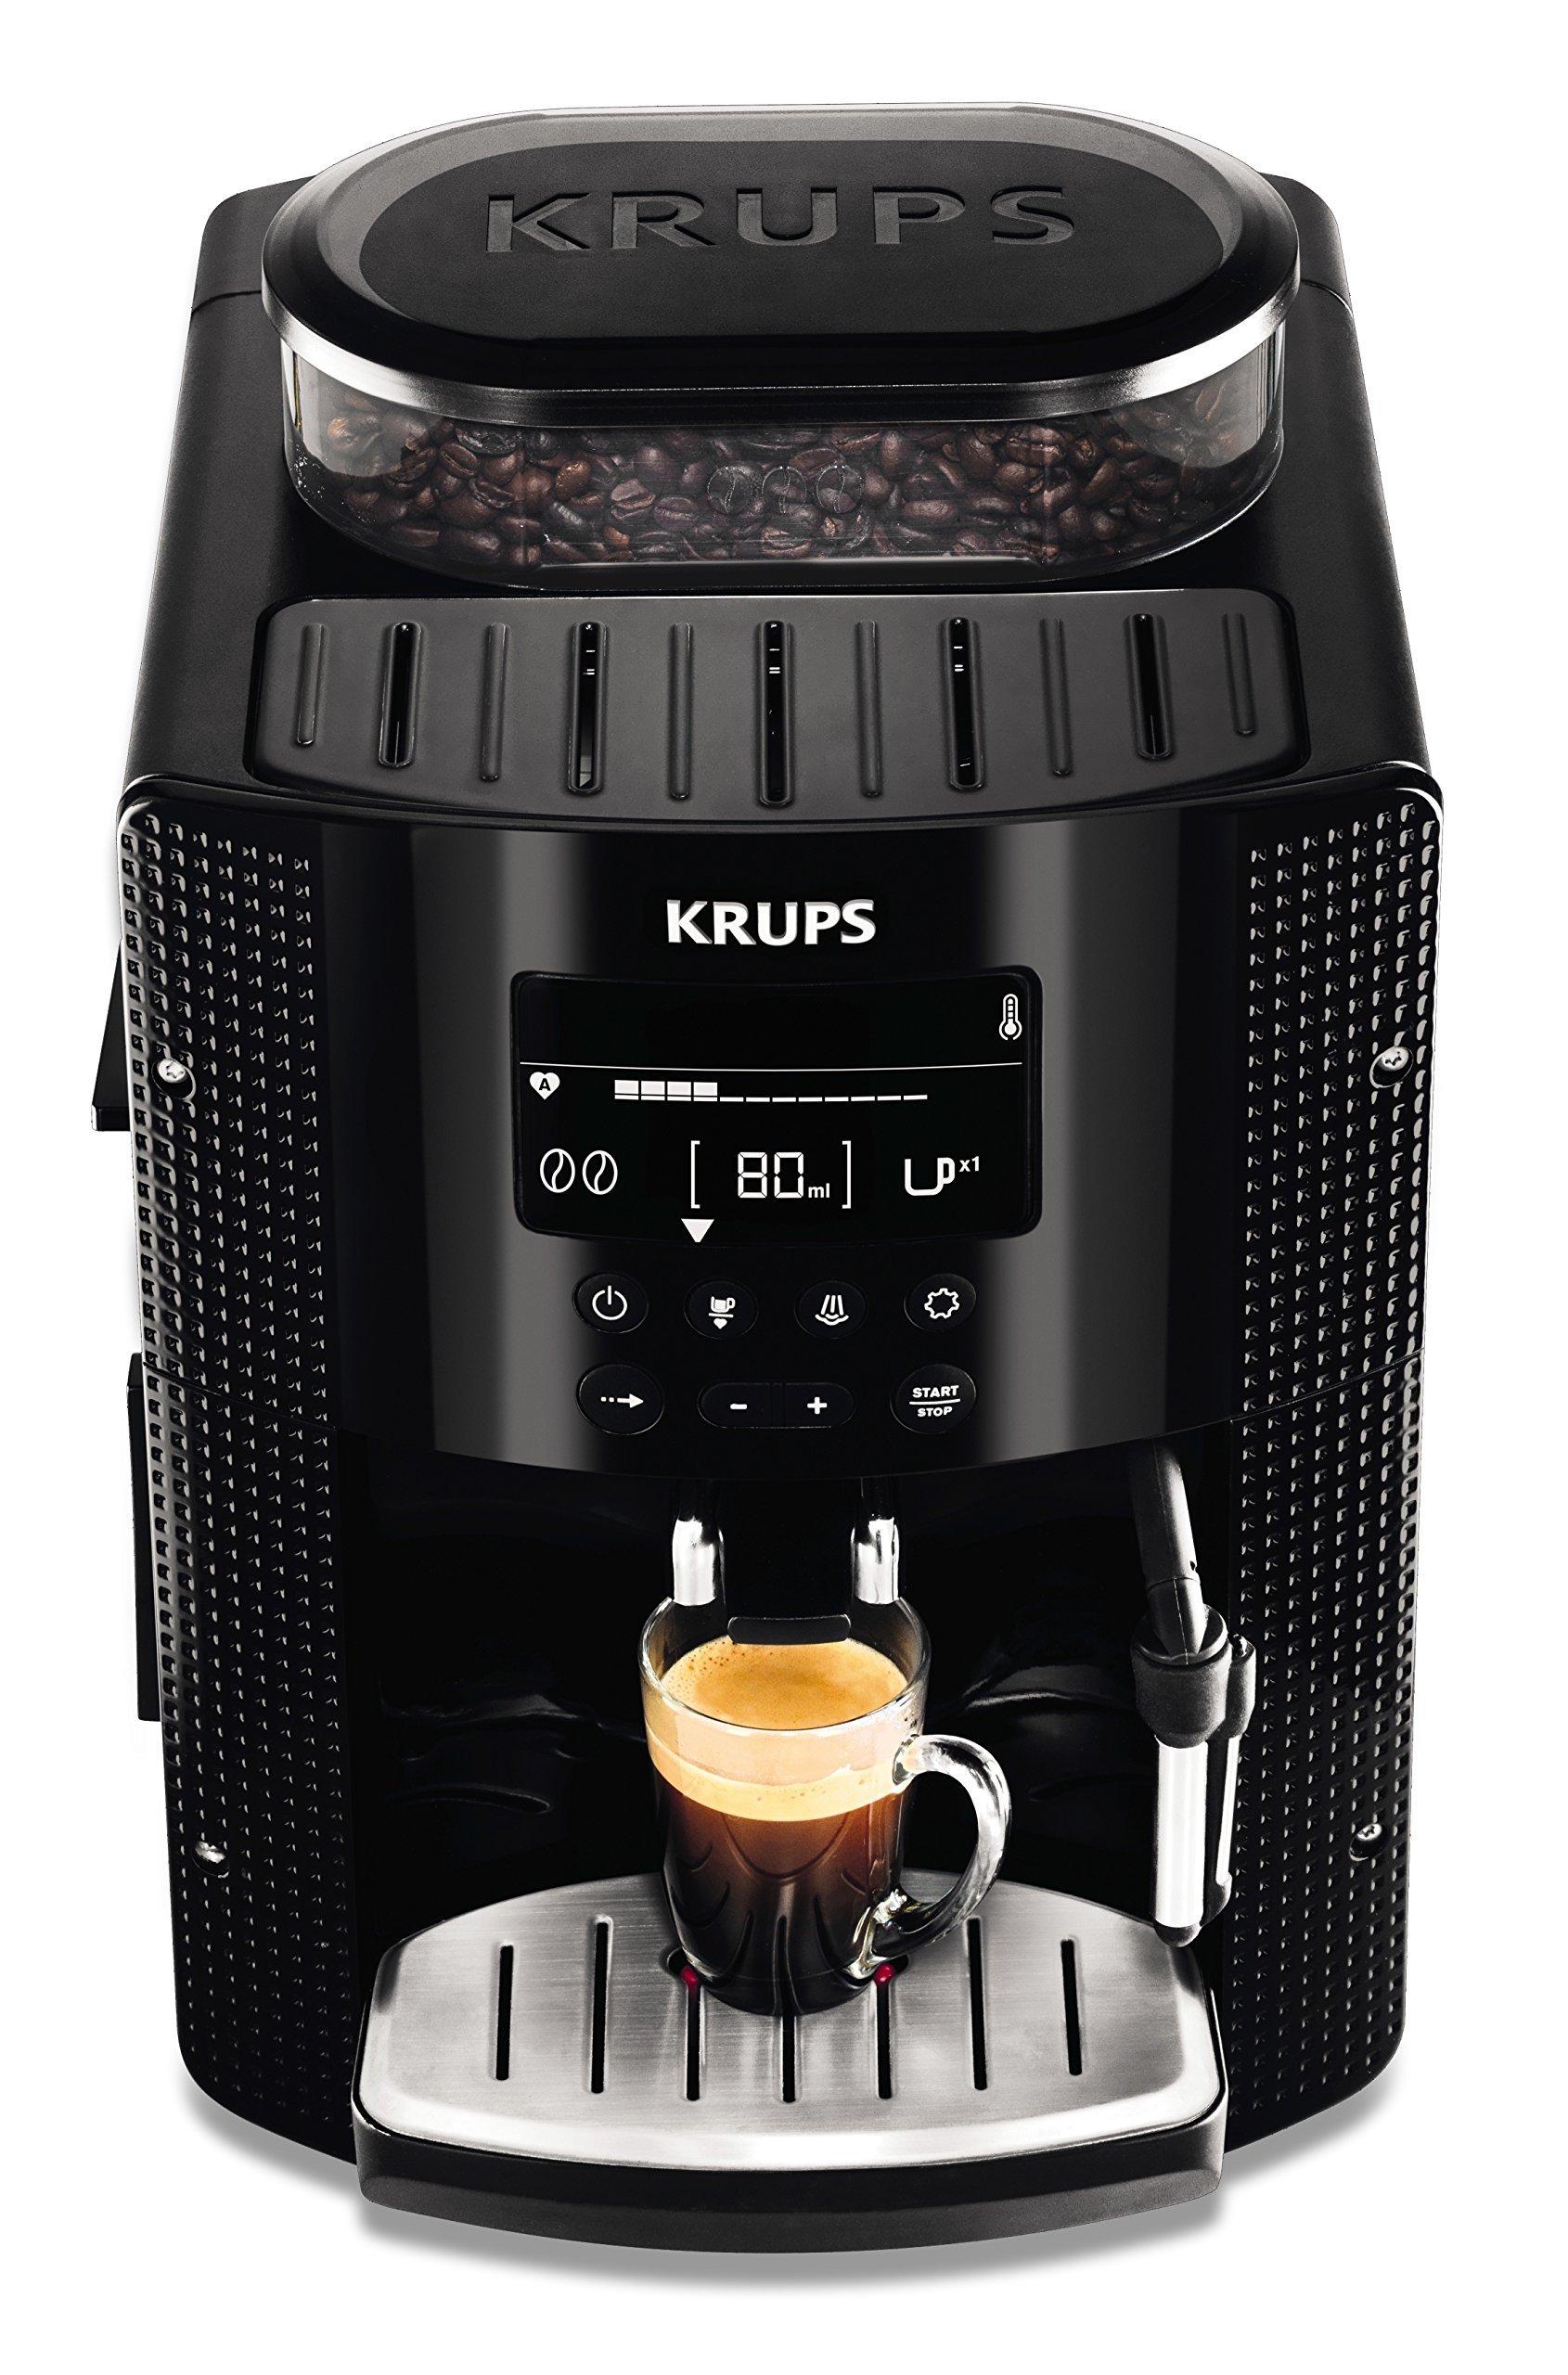 Krups EA815070 - Cafetera Automática 15 Bares de Presión, Pantalla LCD, 3 Niveles de